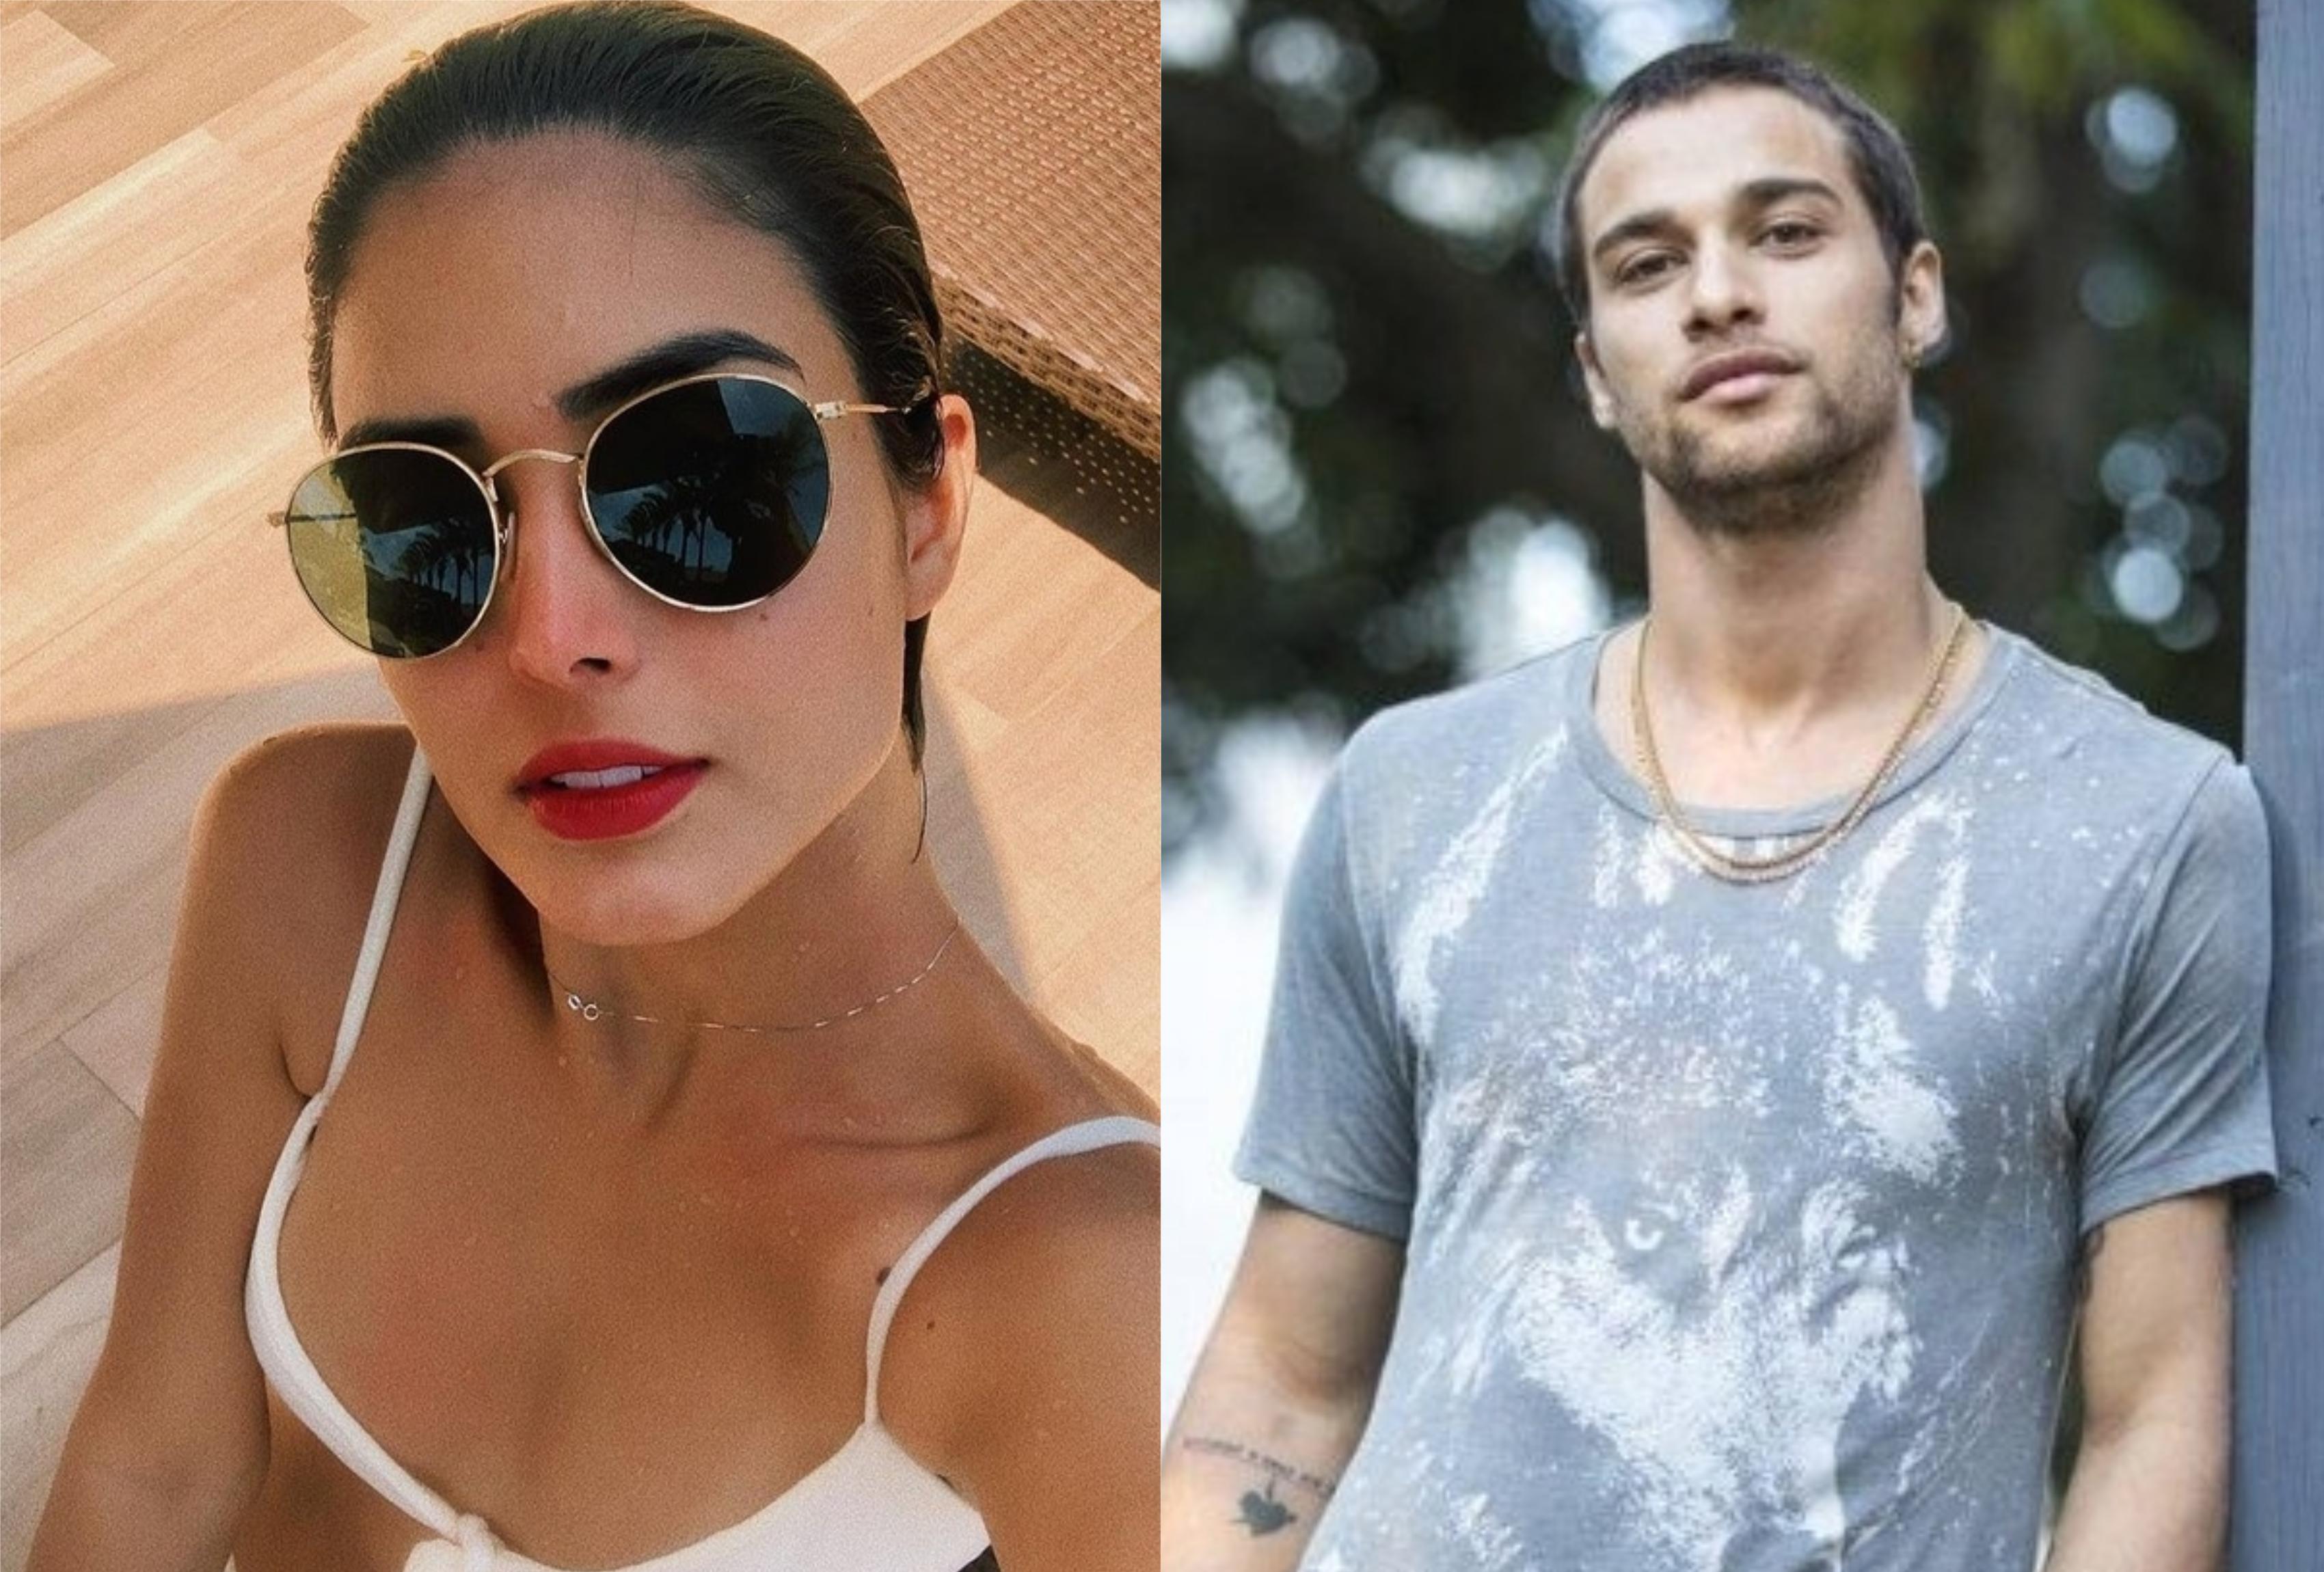 Letícia Almeida e o ex-namorado Pablo Morais vão atuar juntos em Amor Sem Igual da Record TV (Montagem: TV Foco)